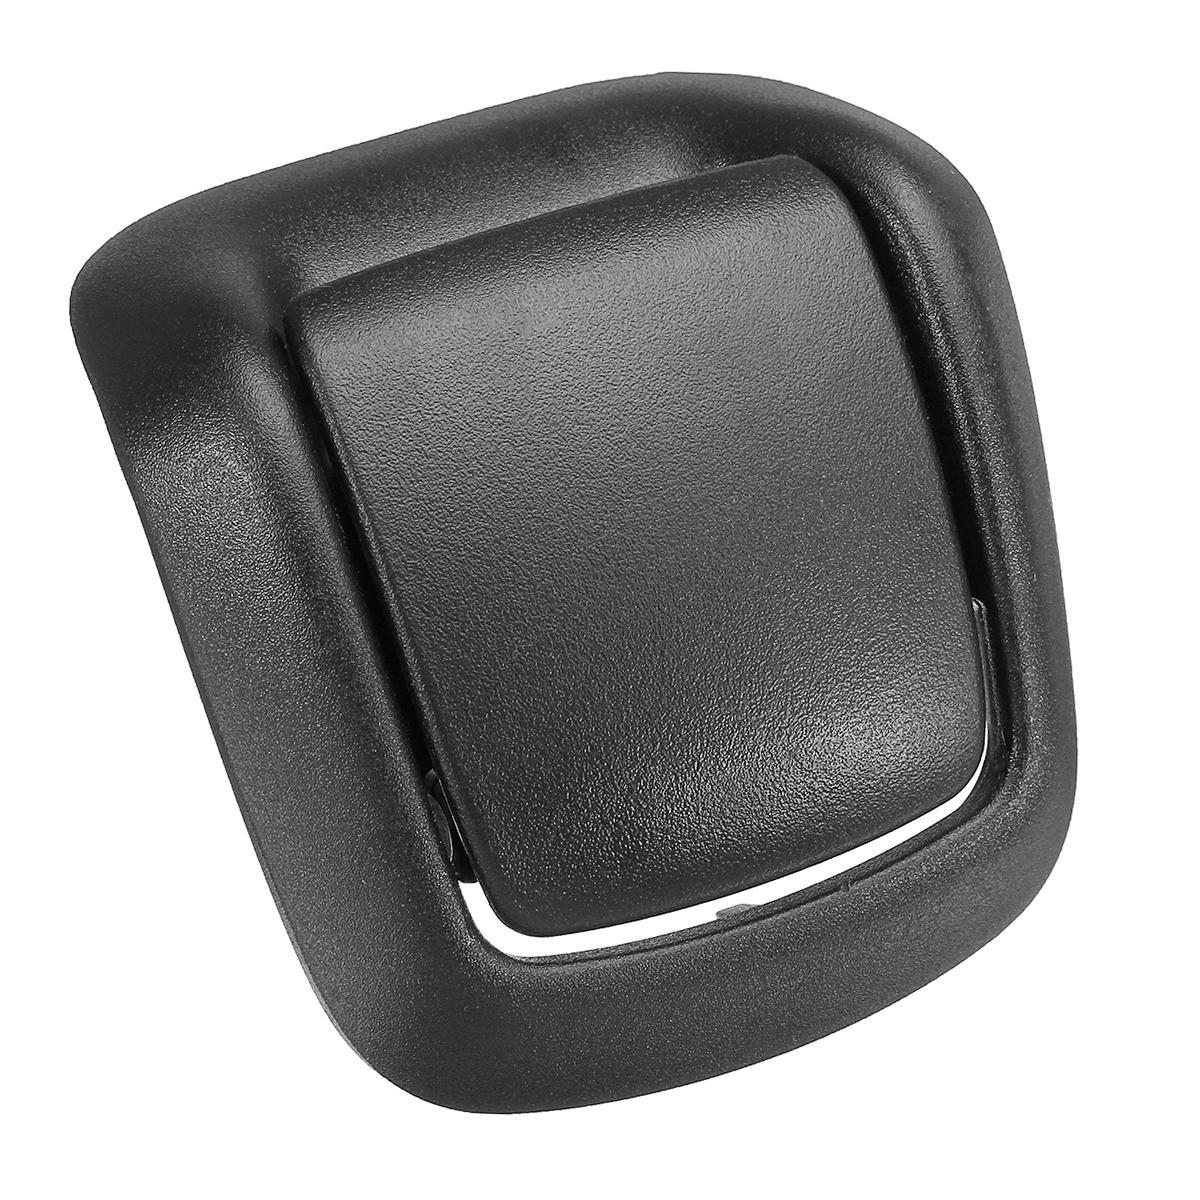 Car Seat Tilt Handle Adjuster Hook Front Right Driver Side for Ford Fiesta VI 3-Door 2002-2008